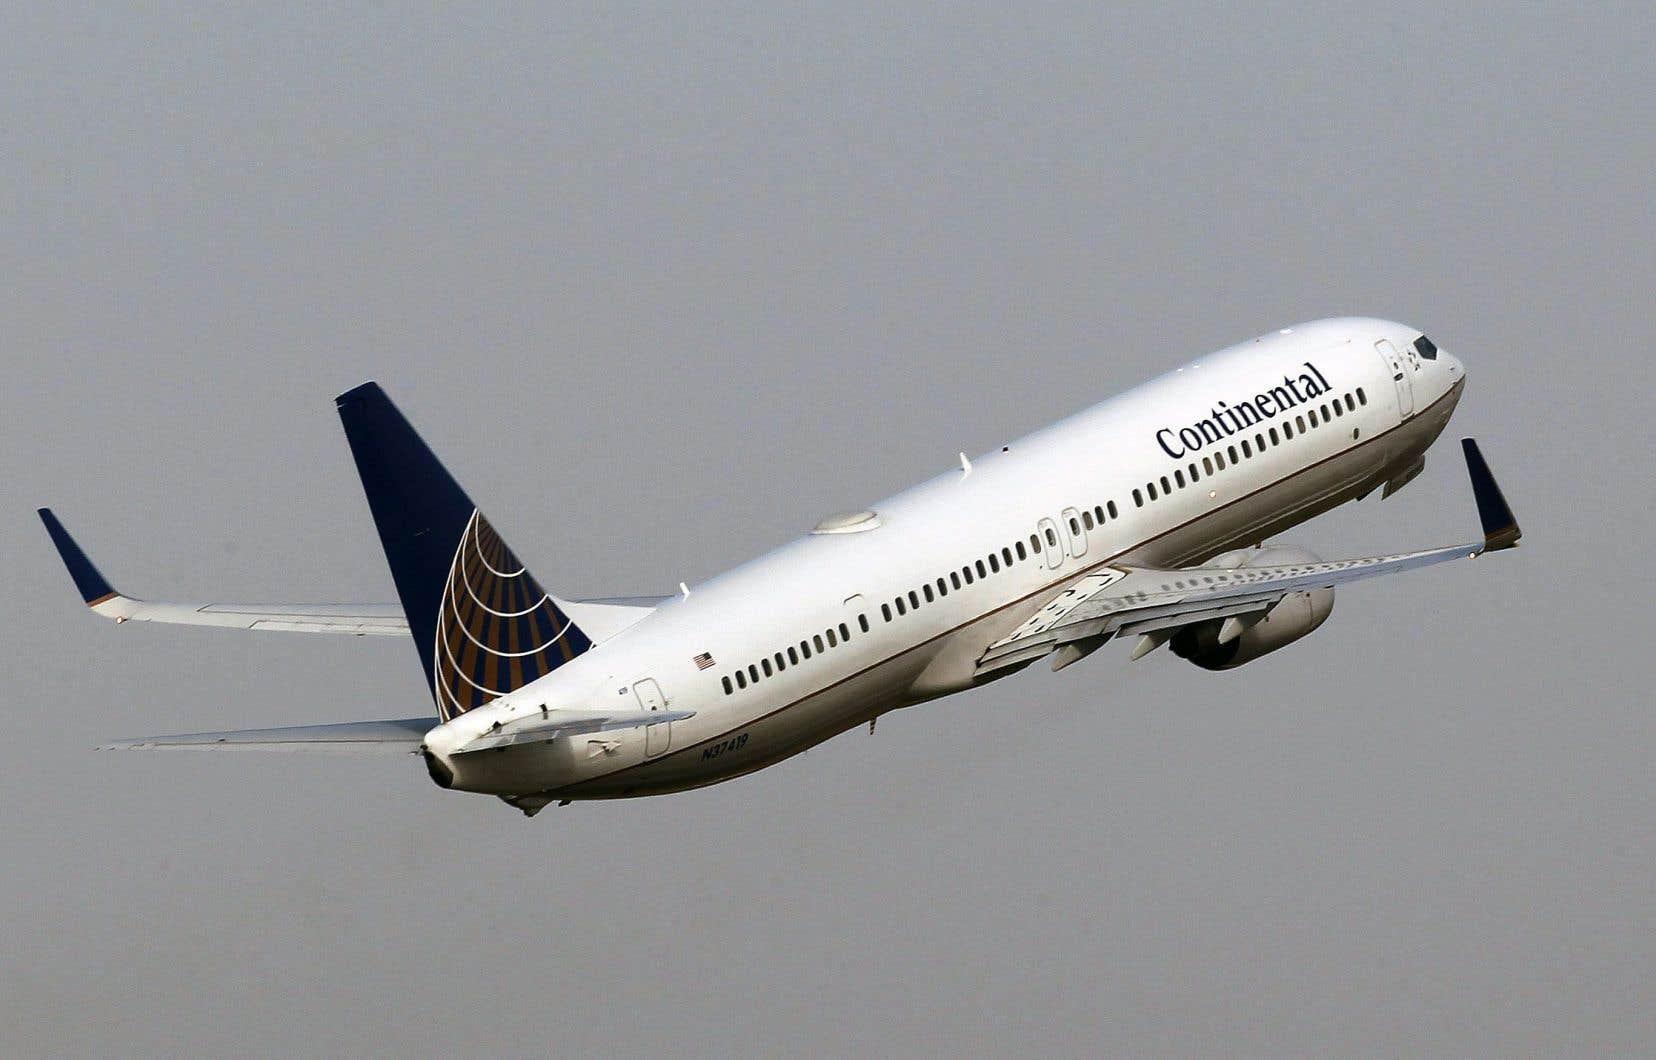 La FAA, a annoncé vendredi avoir ordonné l'inspection d'environ 2000 Boeing 737 NG et Classic après avoir repéré des problèmes sur des soupapes du moteur d'appareils n'ayant pas volé depuis au moins sept jours.